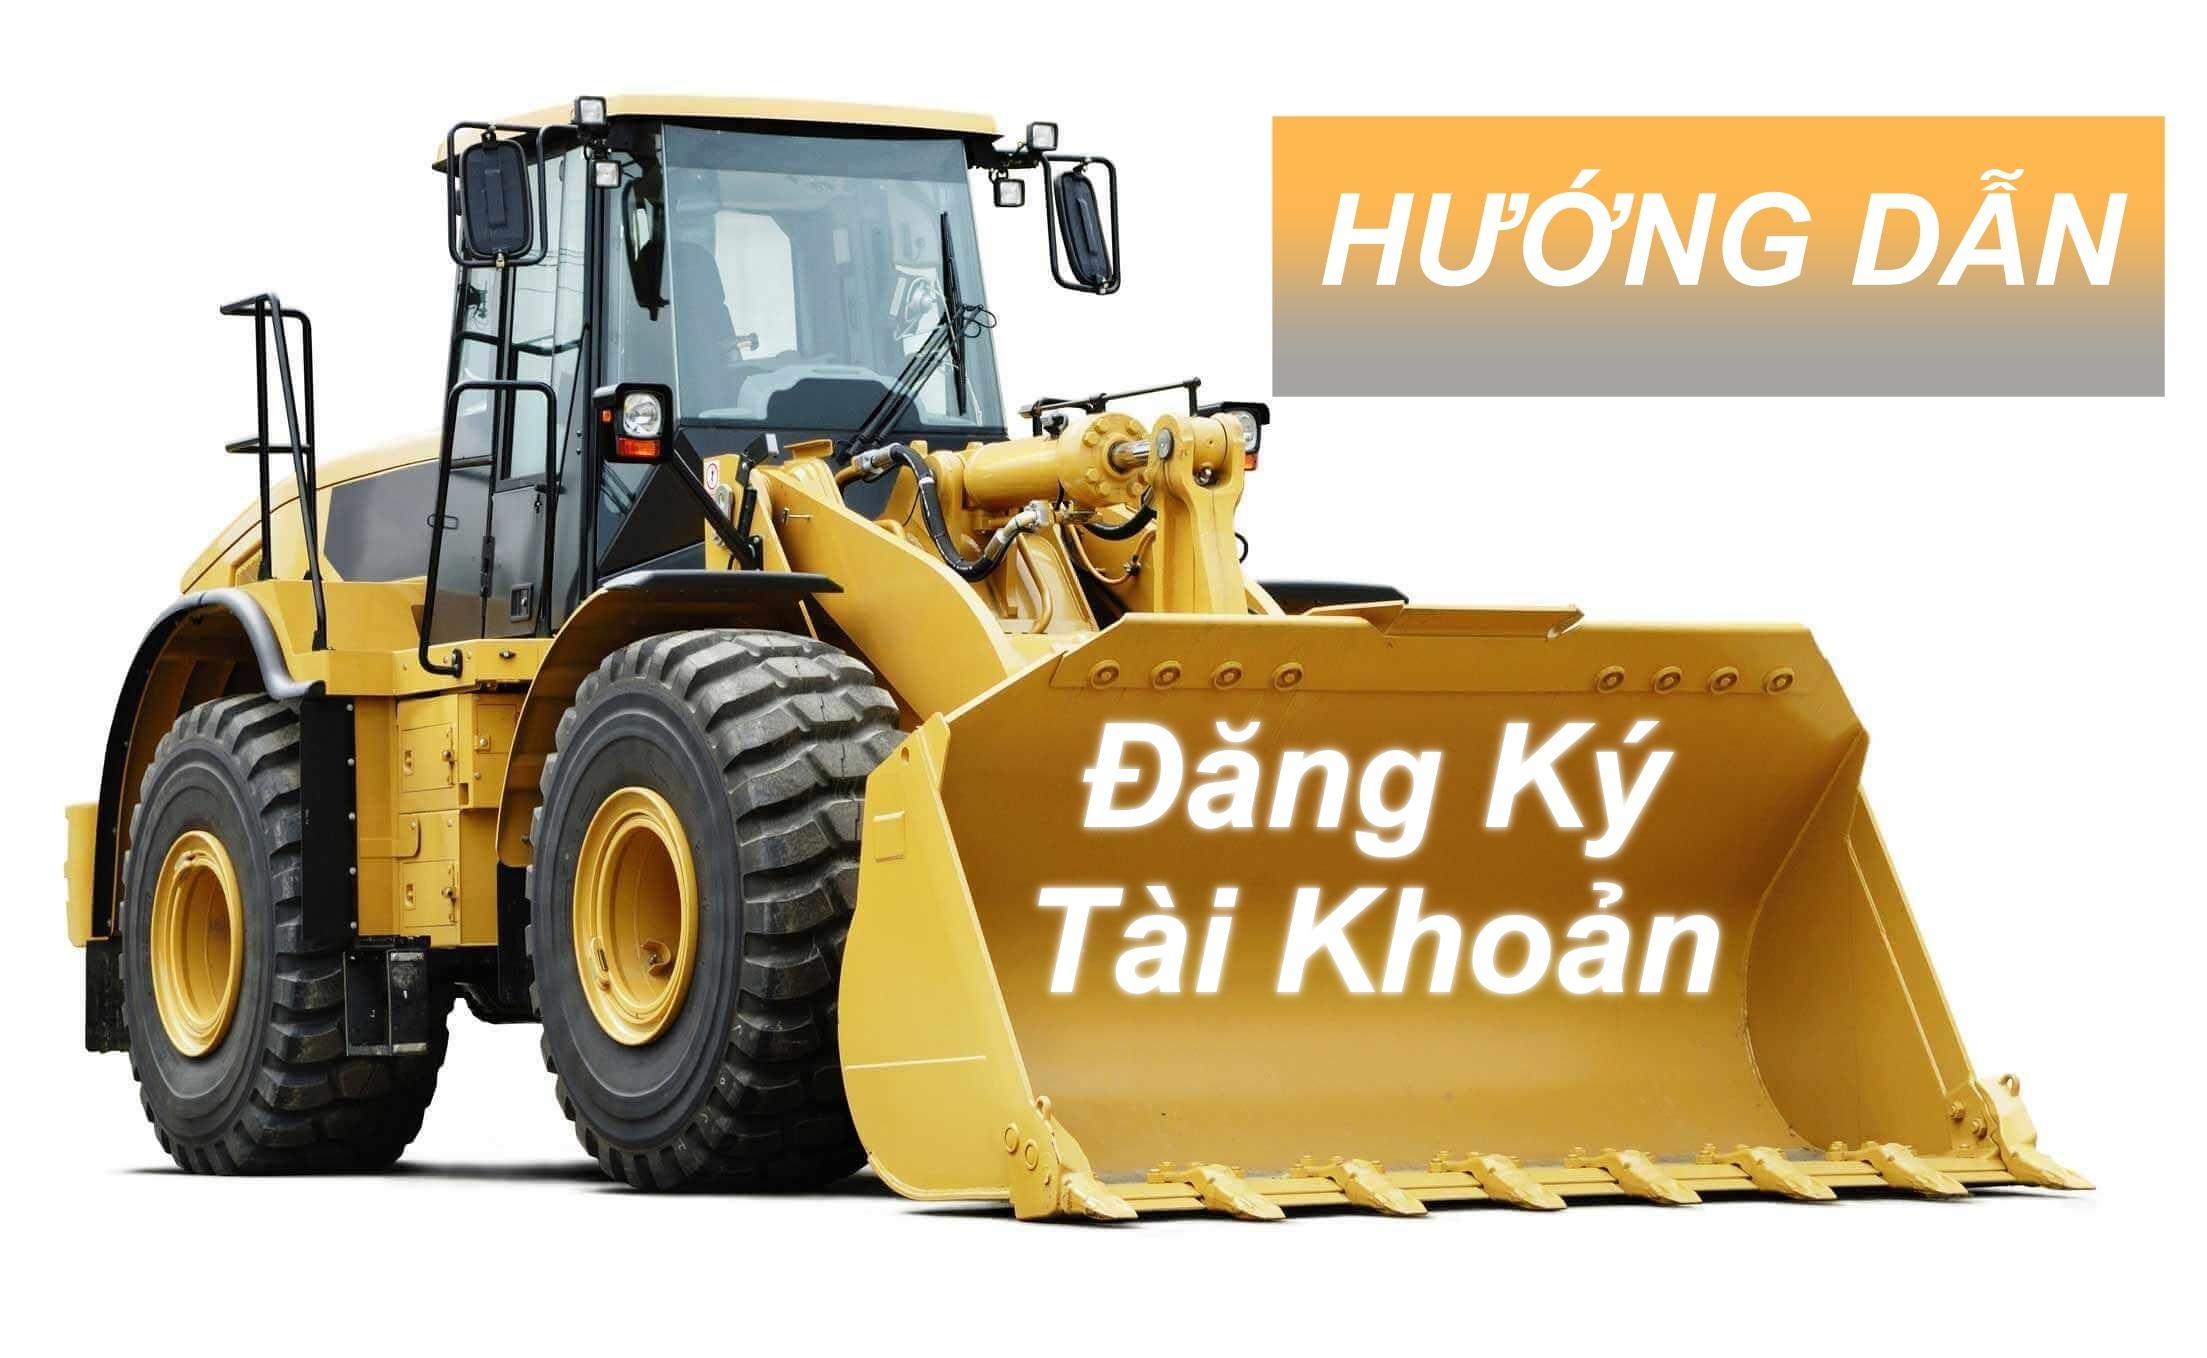 Hướng Dẫn Đăng Ký Tài Khoản Trên Website Hanoma.vn